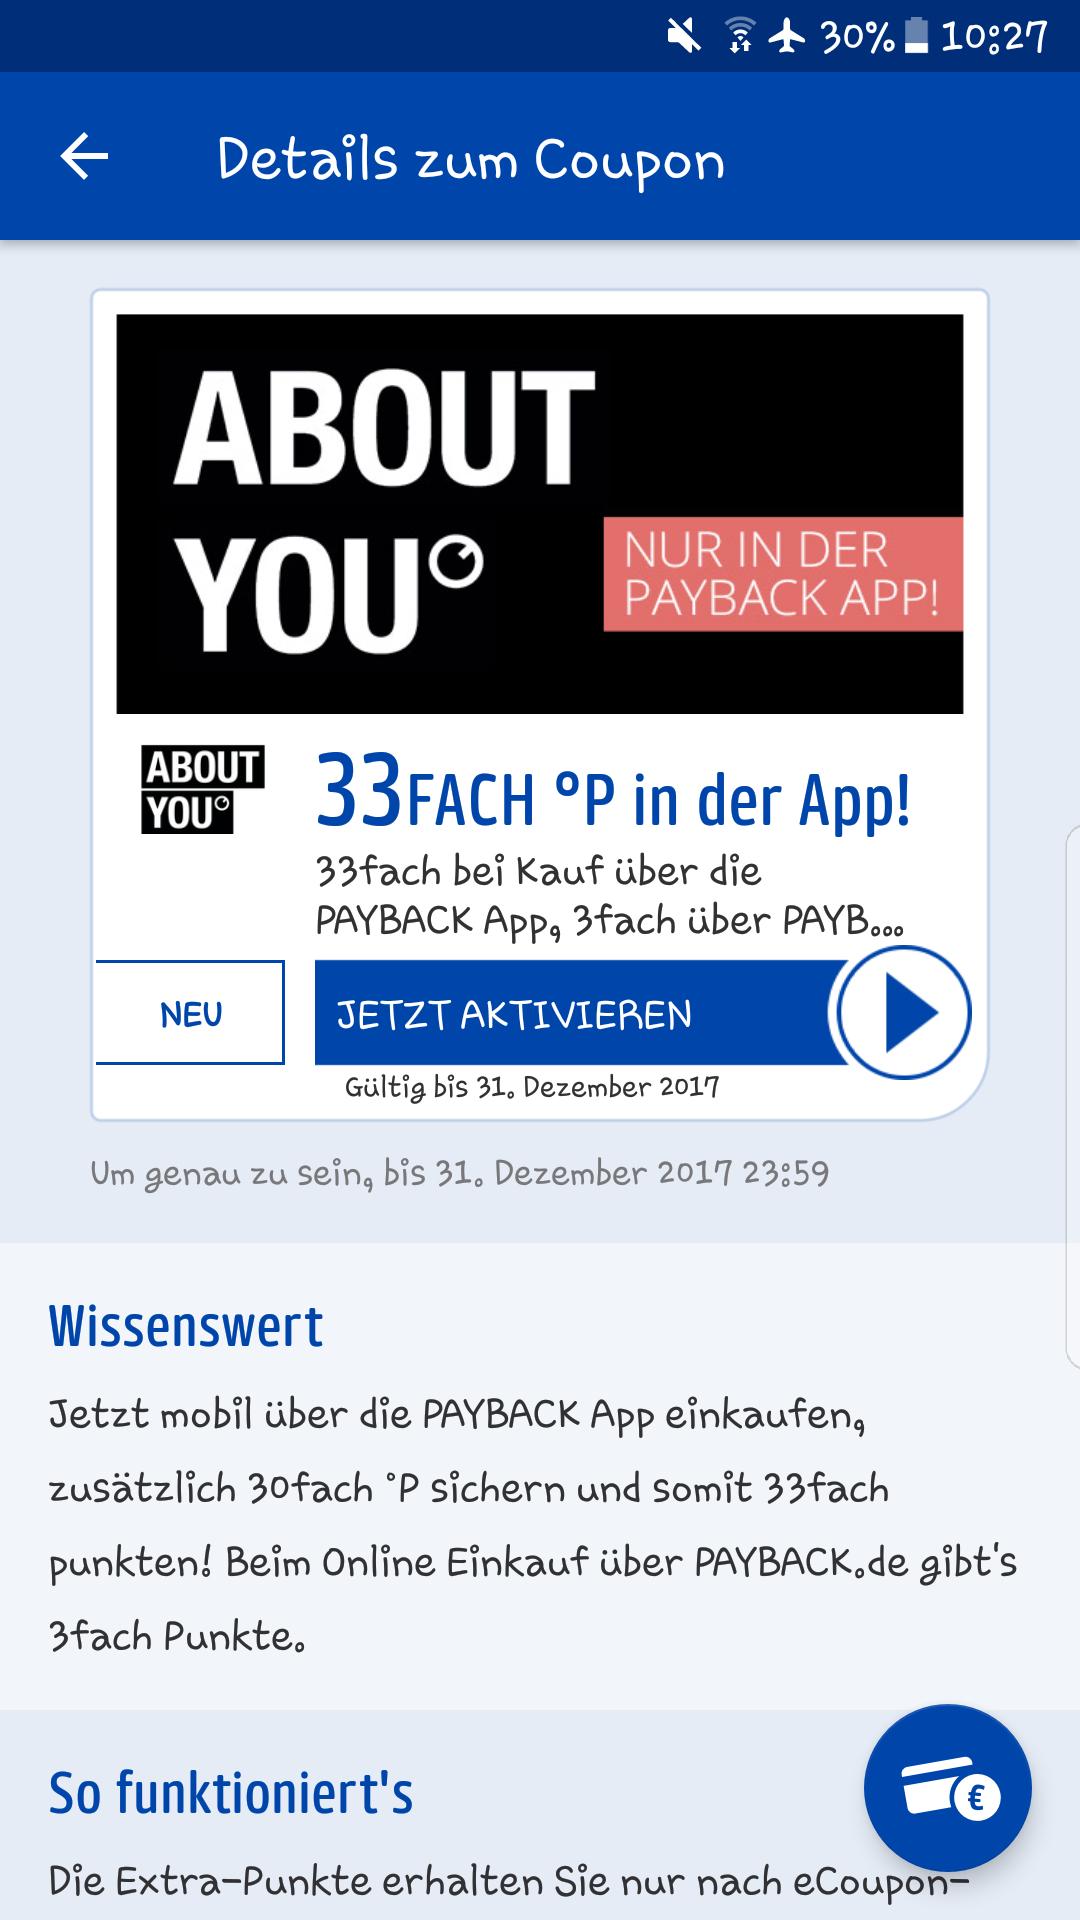 [Im zahlreichen Payback Konten] 33fach Punkte bei About You beim kauf über die Payback App bis 31.12.2017.